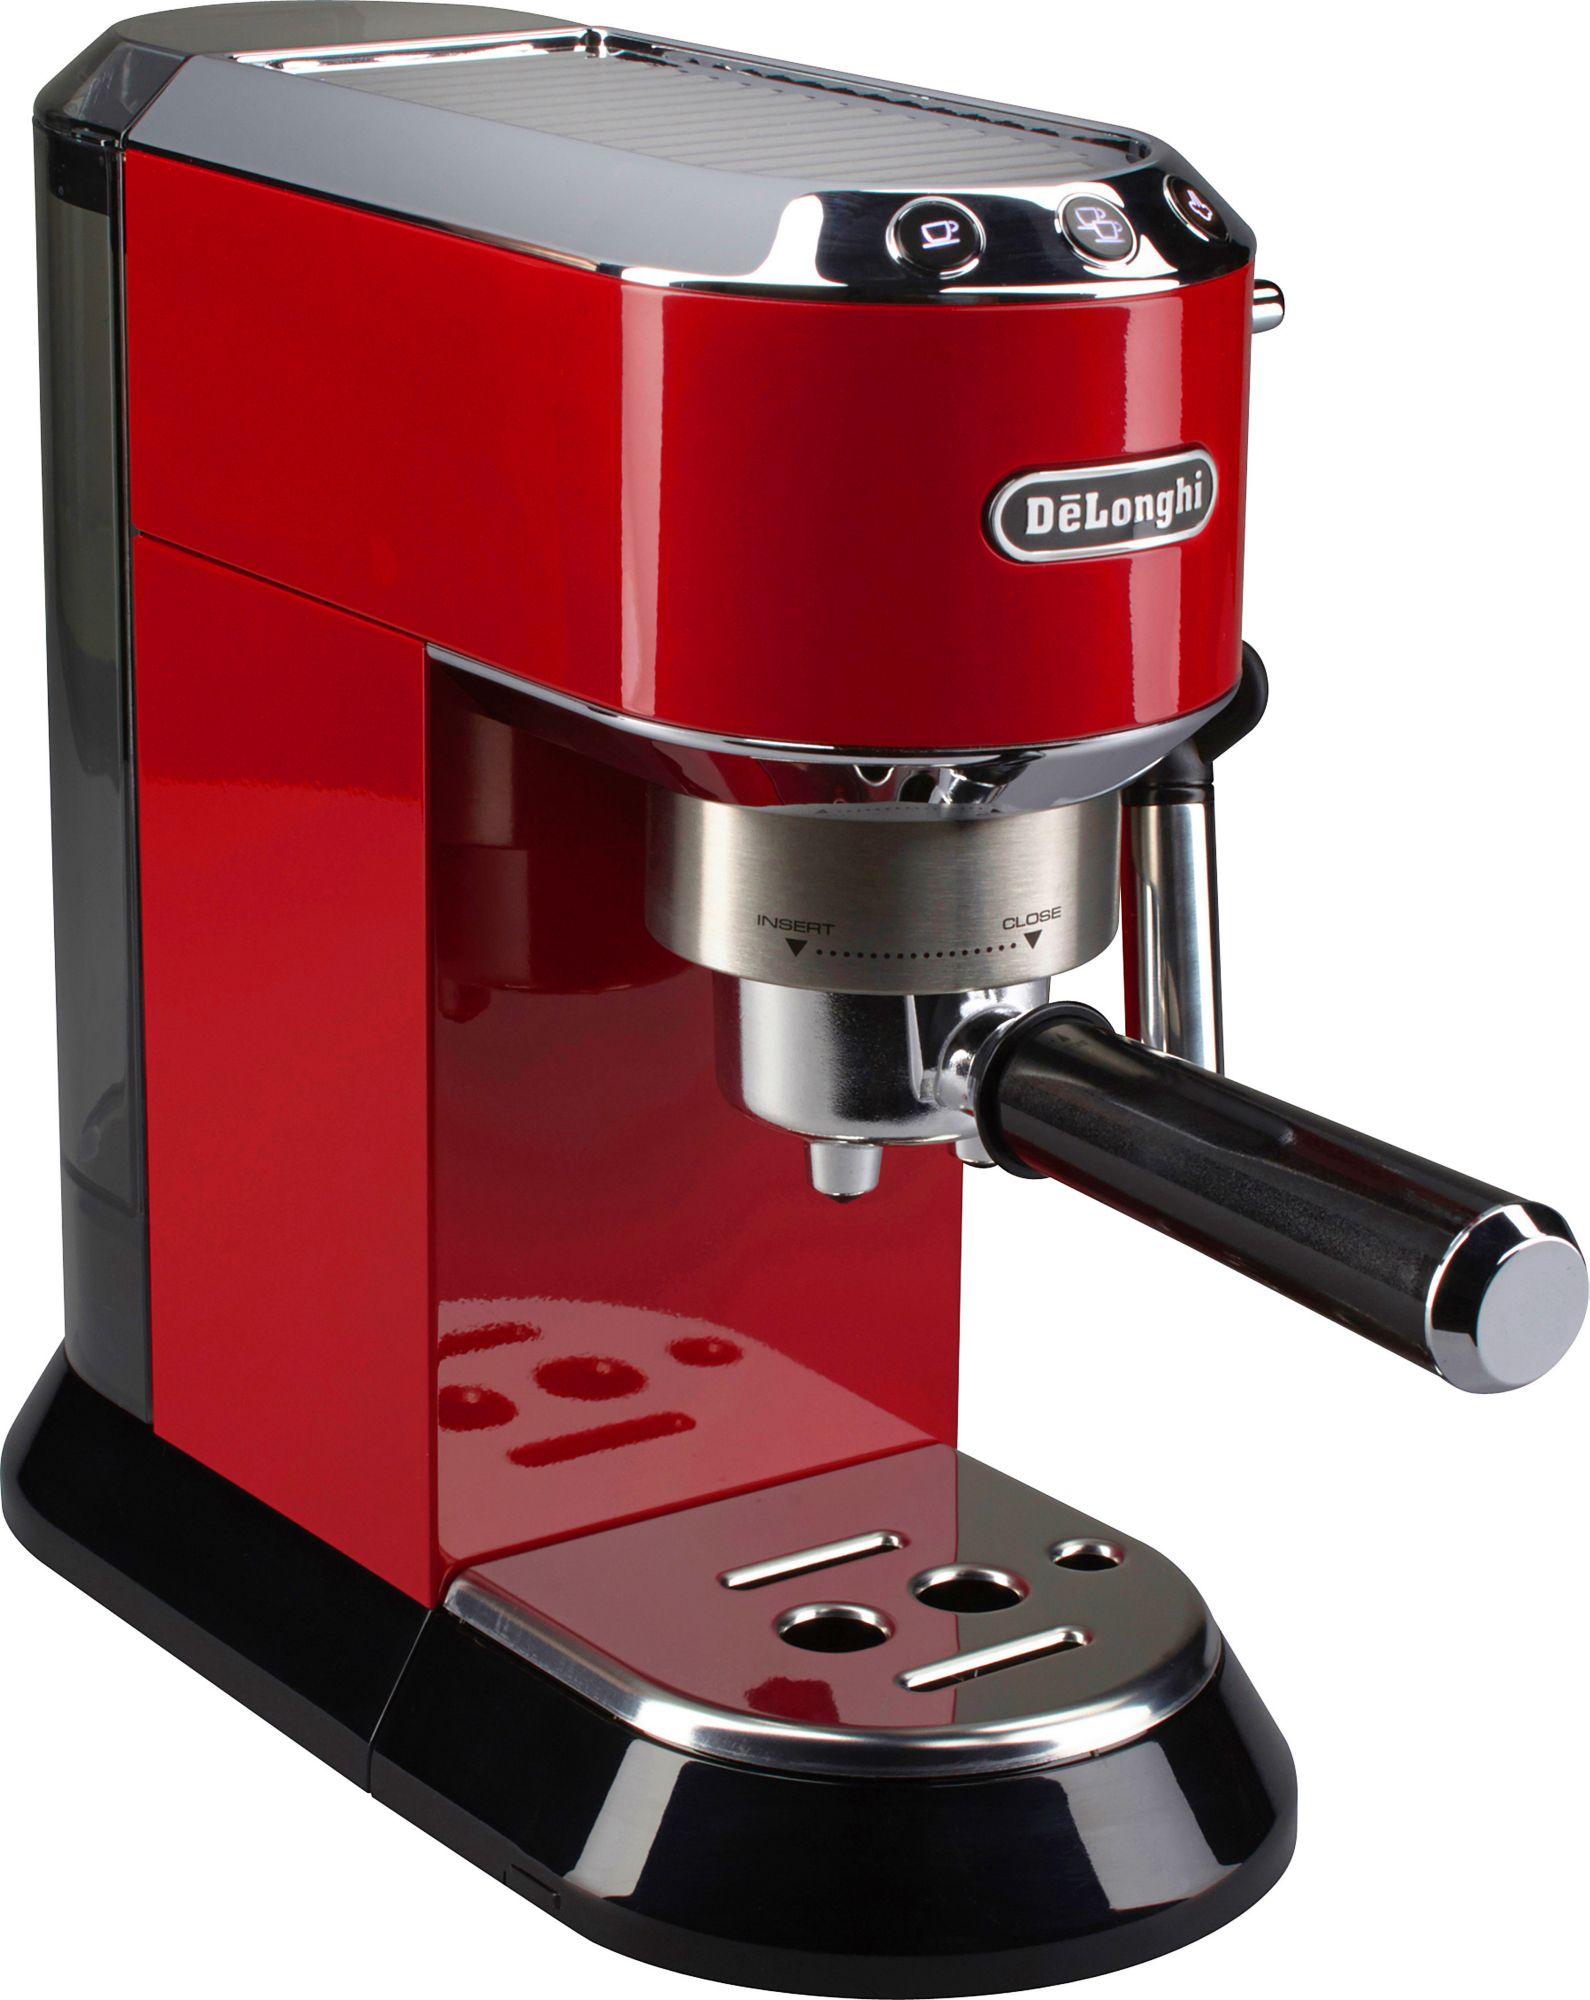 de 39 longhi espressomaschine traditioneller siebtr ger ec 680 r 15 bar pumpendruck schwab. Black Bedroom Furniture Sets. Home Design Ideas